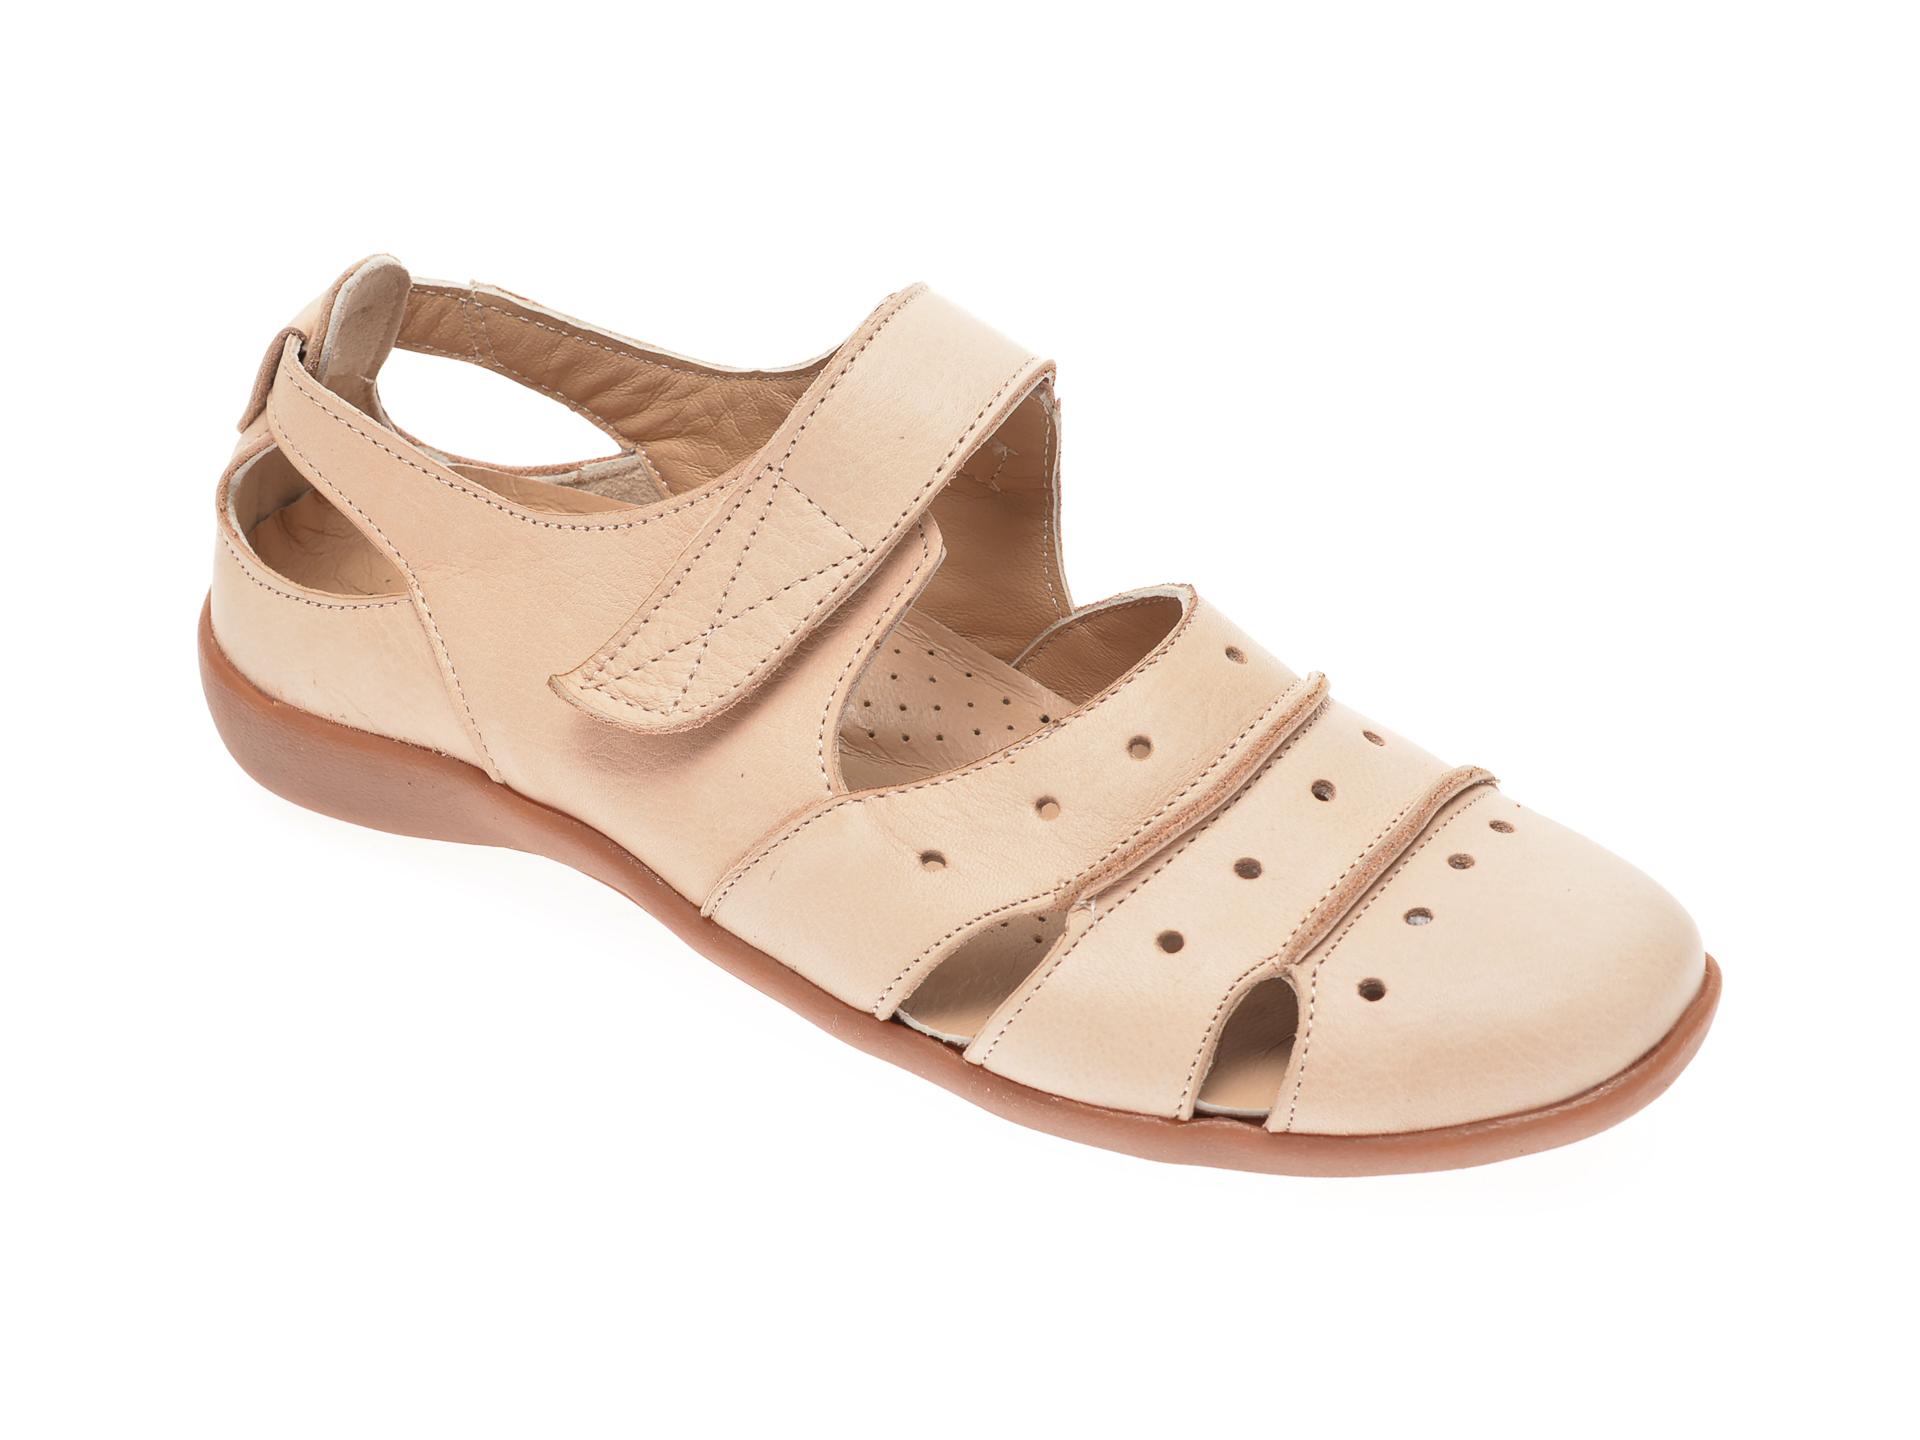 Pantofi ECLIPSE bej, 201, din piele naturala imagine